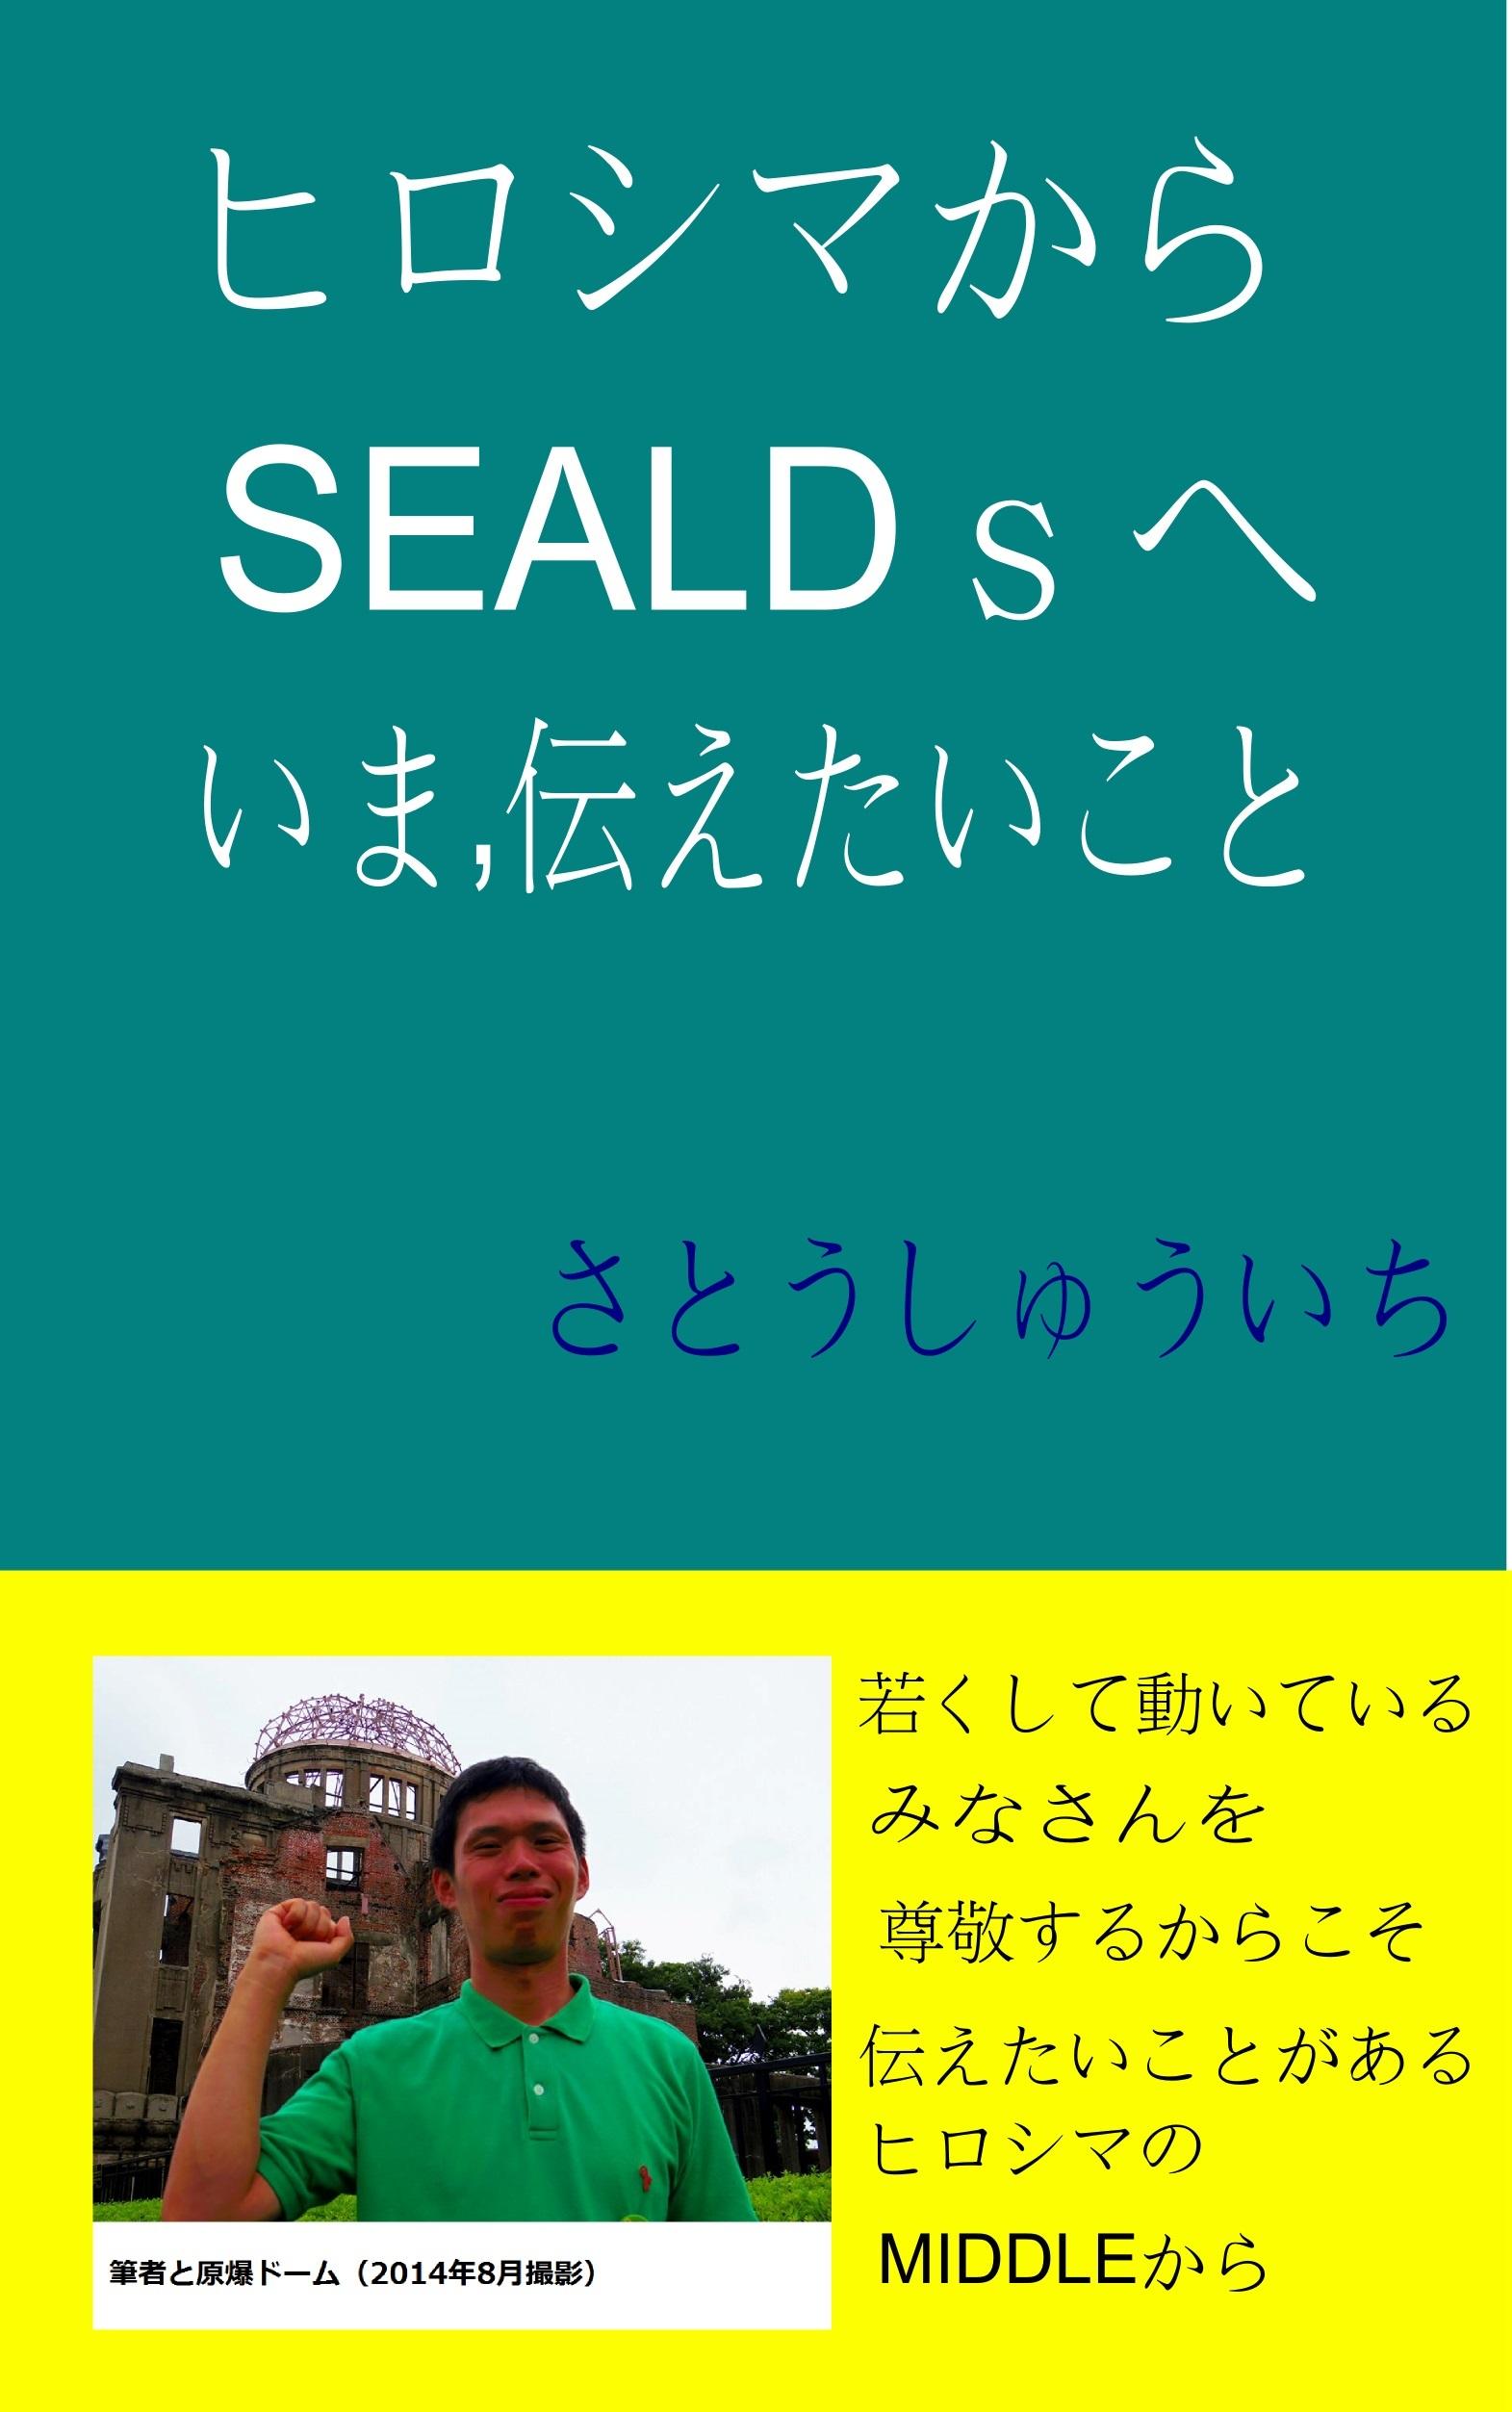 電子書籍 ヒロシマからSEALDsへ いま、伝えたいこと さとうしゅういち_e0094315_18460744.jpg